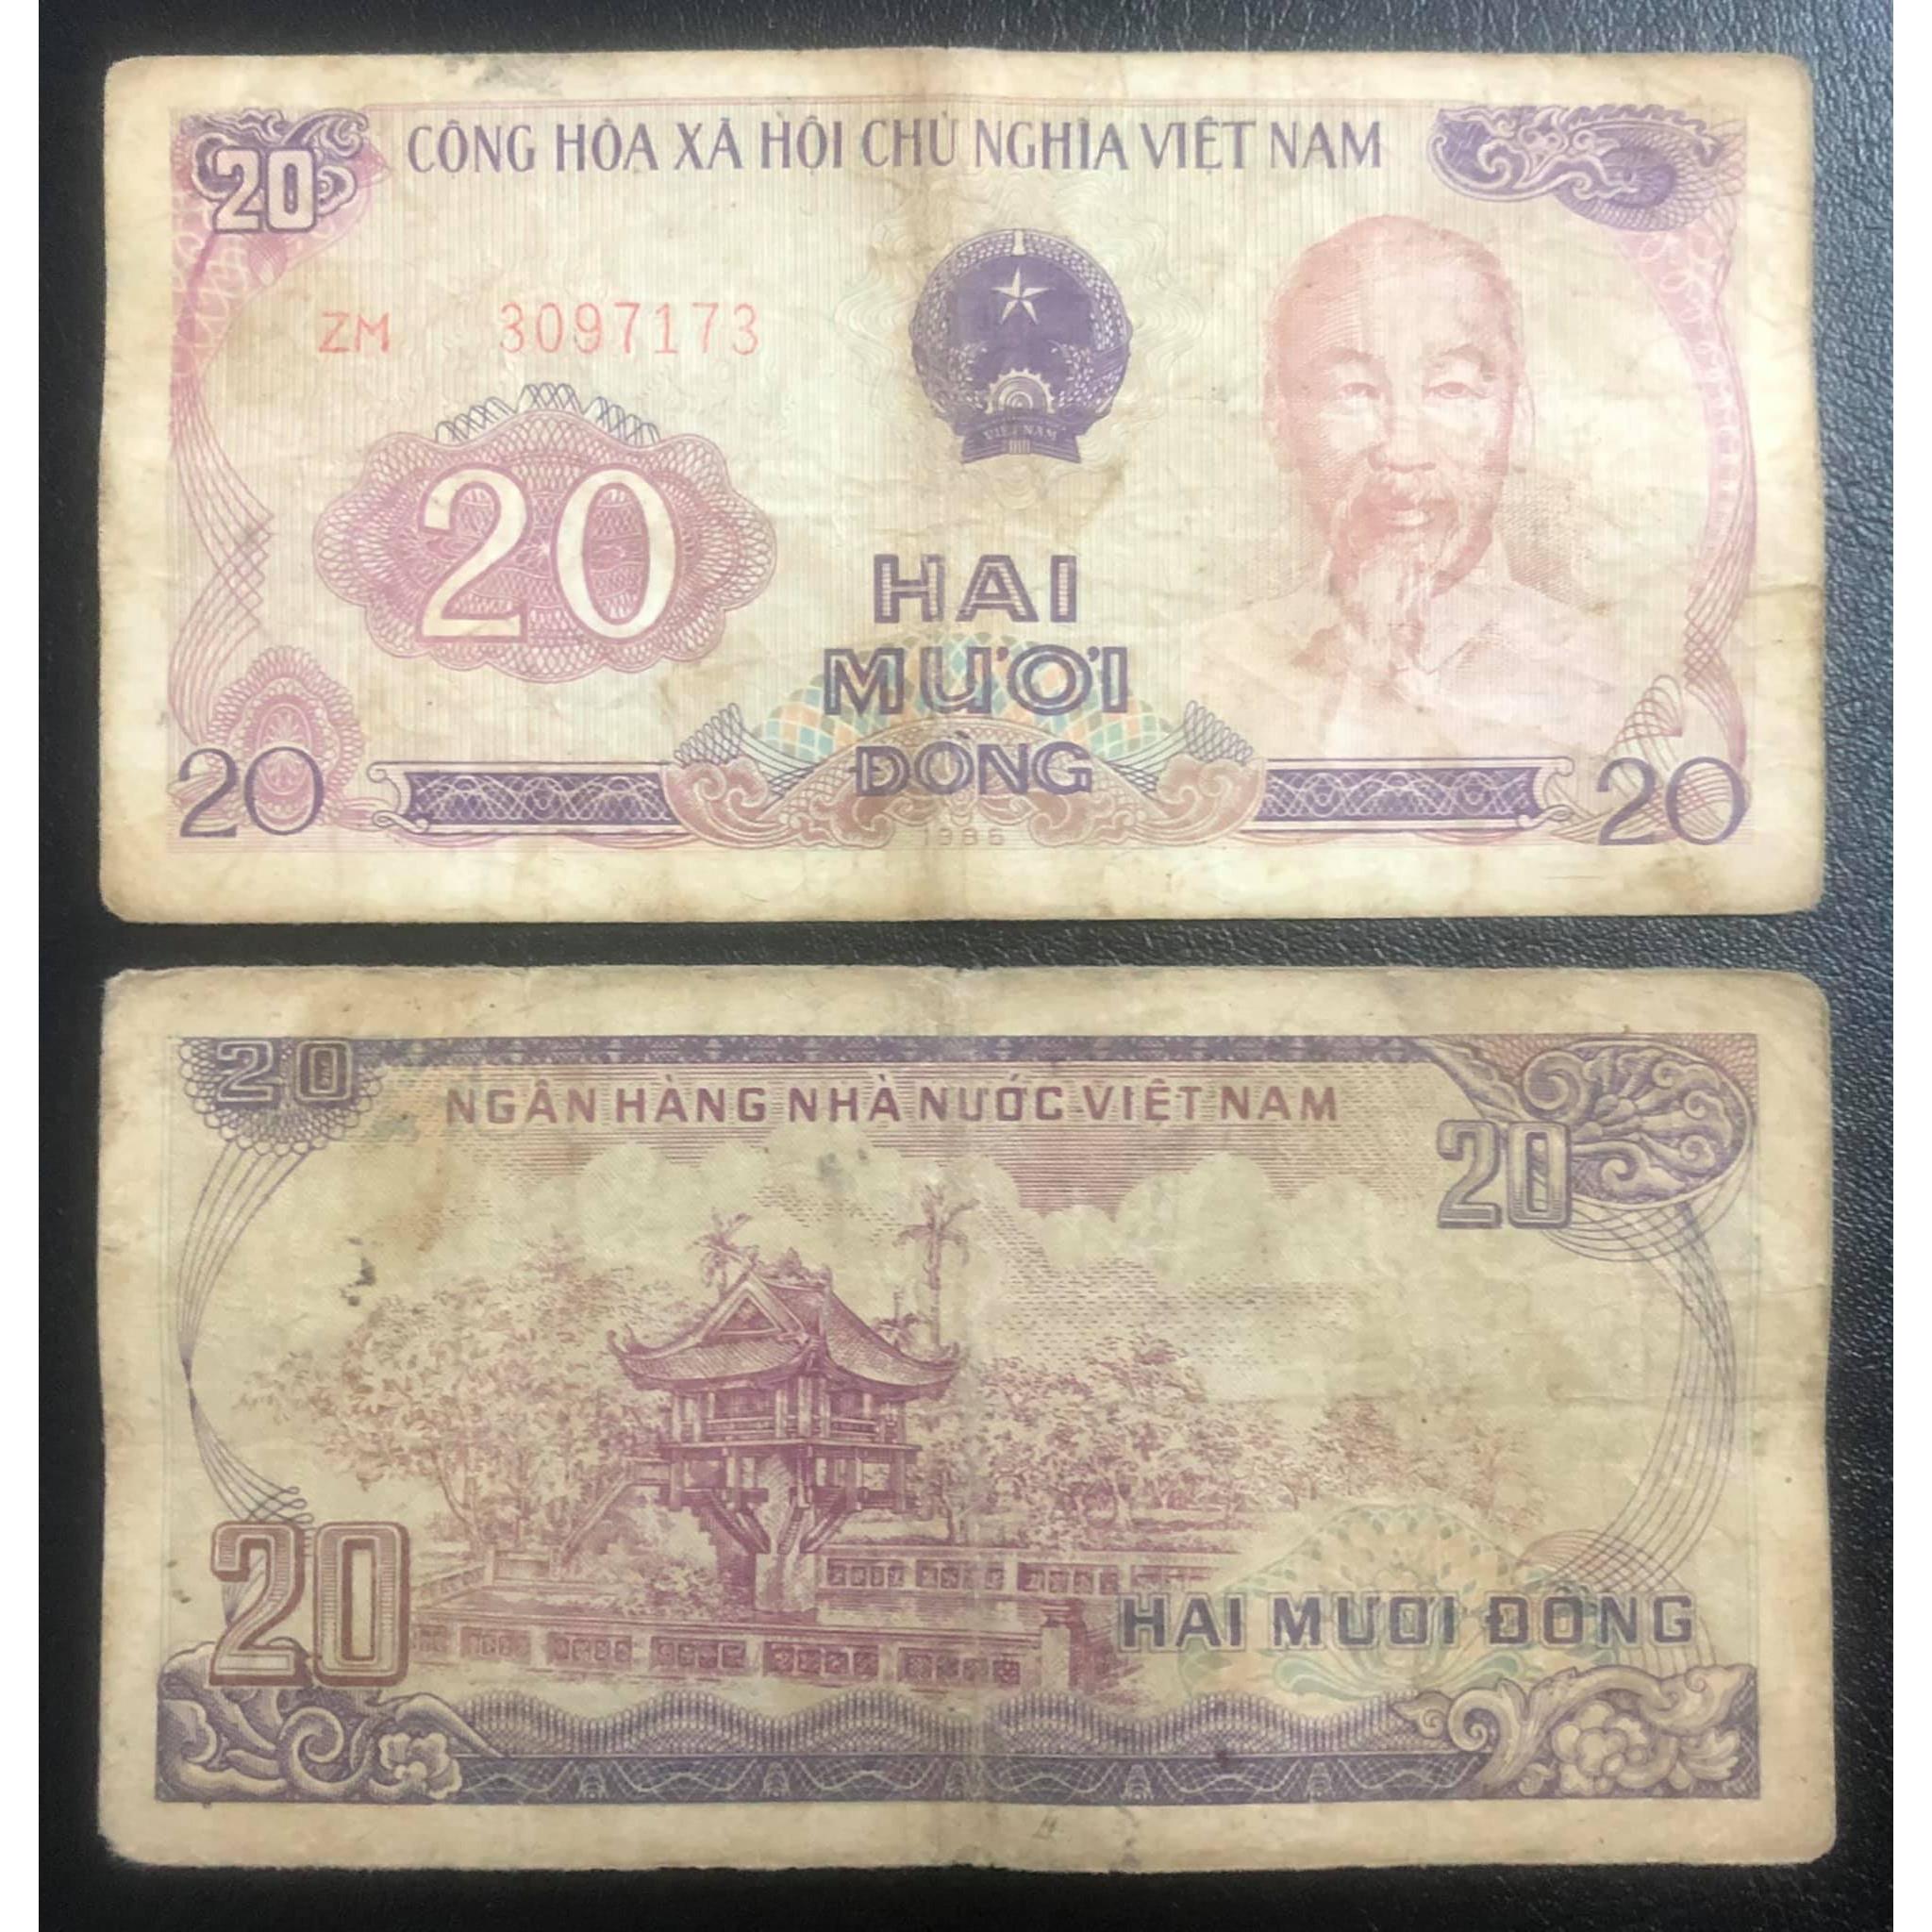 Tờ 20 đồng 1985 chùa Một Cột ở Hà Nội, tiền xưa bao cấp sưu tầm